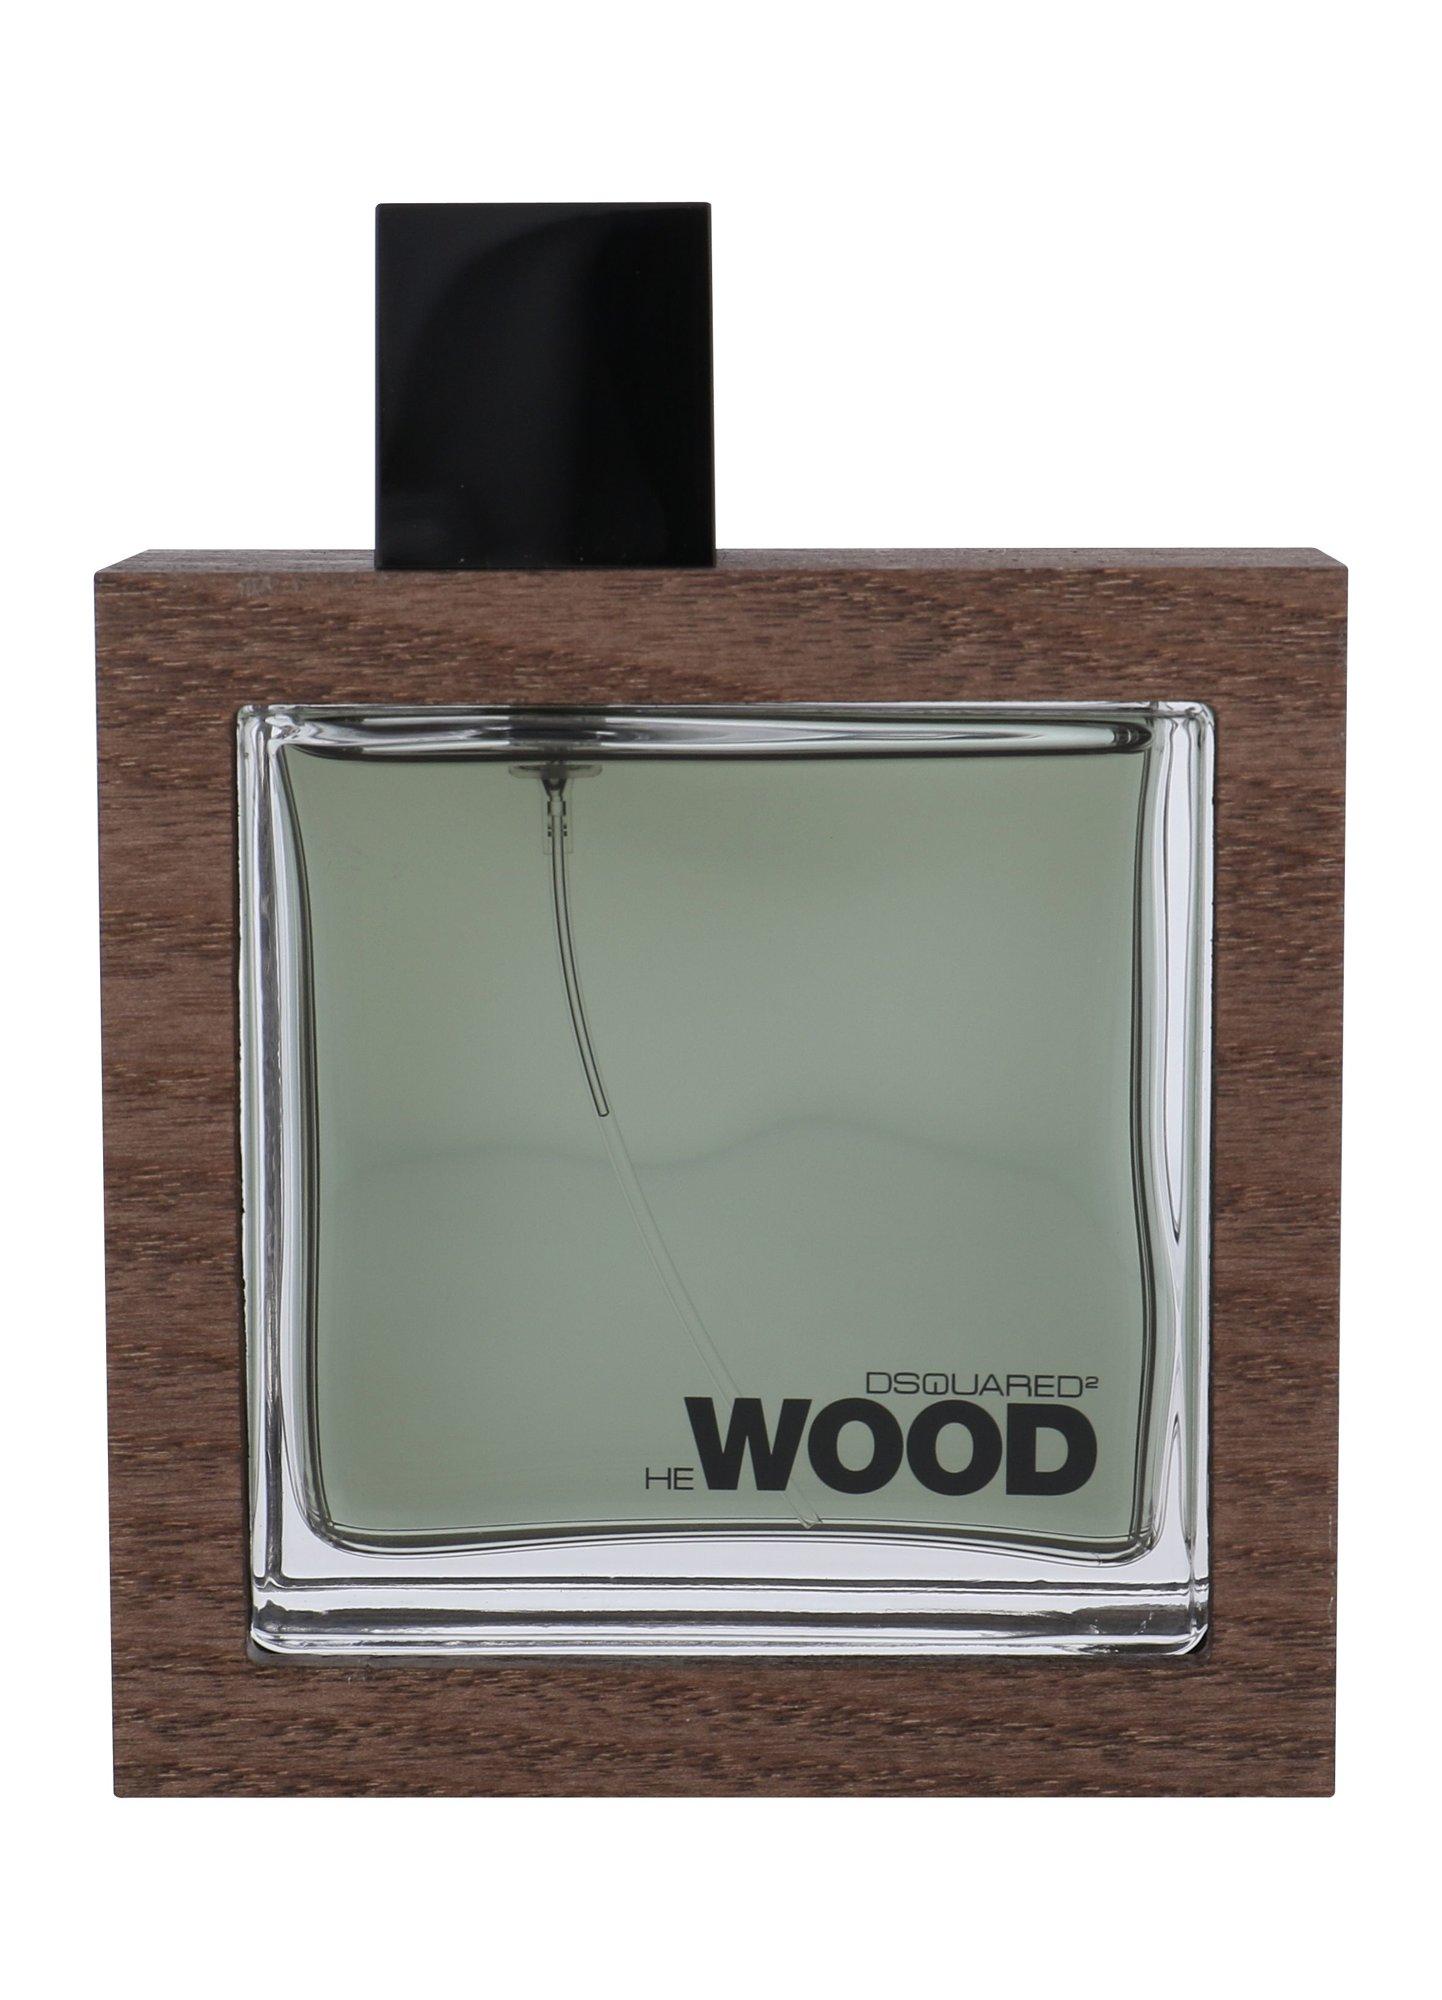 Dsquared2 He Wood Rocky Mountain Wood Eau de Toilette 100ml